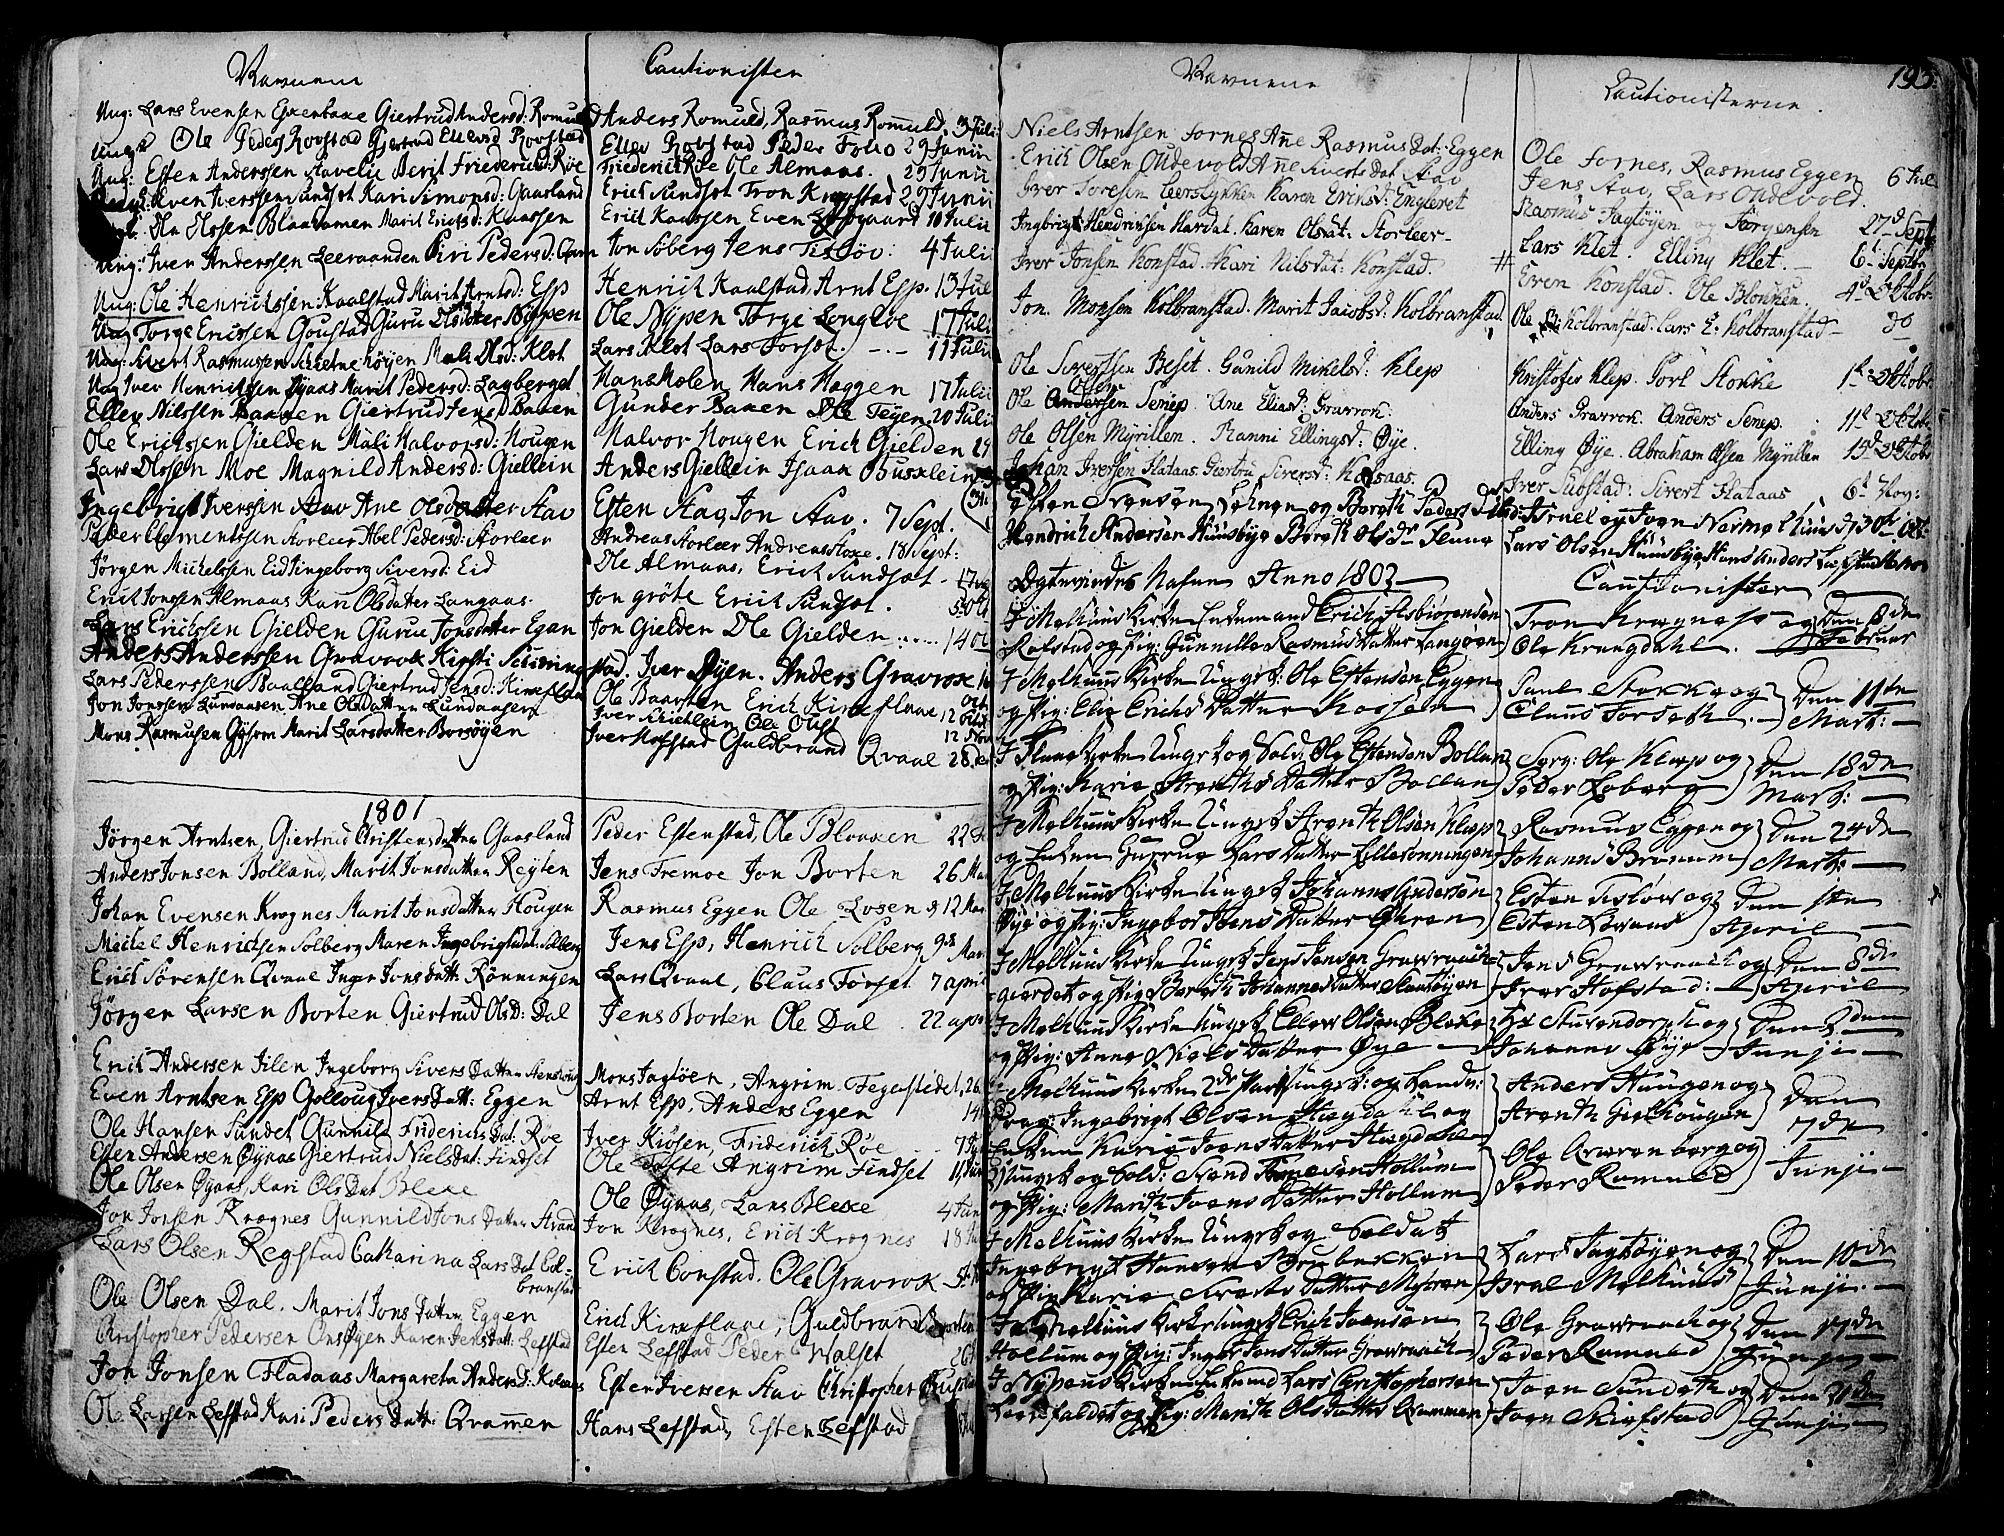 SAT, Ministerialprotokoller, klokkerbøker og fødselsregistre - Sør-Trøndelag, 691/L1061: Ministerialbok nr. 691A02 /1, 1768-1815, s. 193